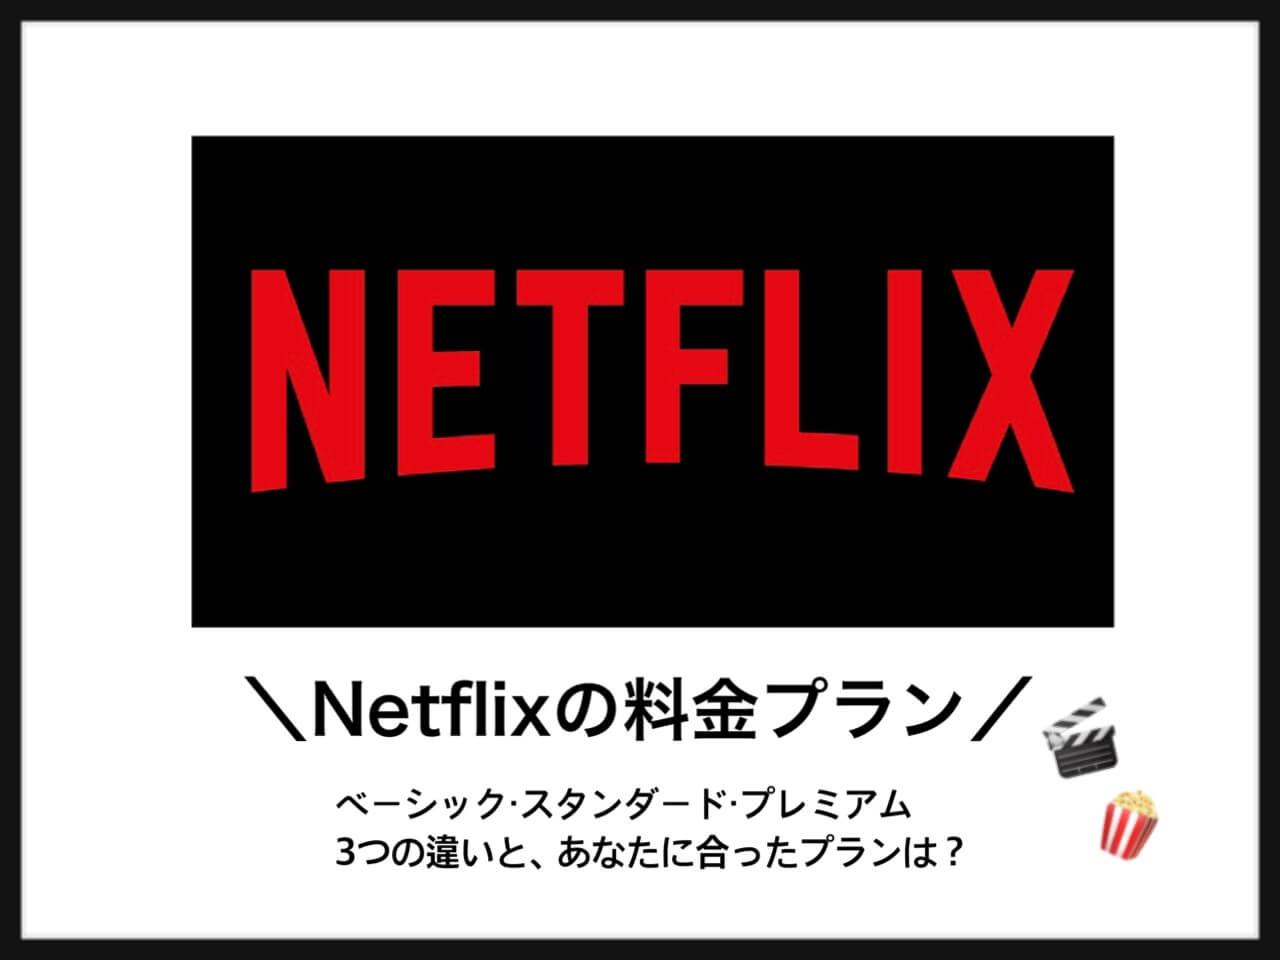 プリペイド netflix Netflix(ネットフリックス)プリペイドカードの使い方と買い方を徹底解説!